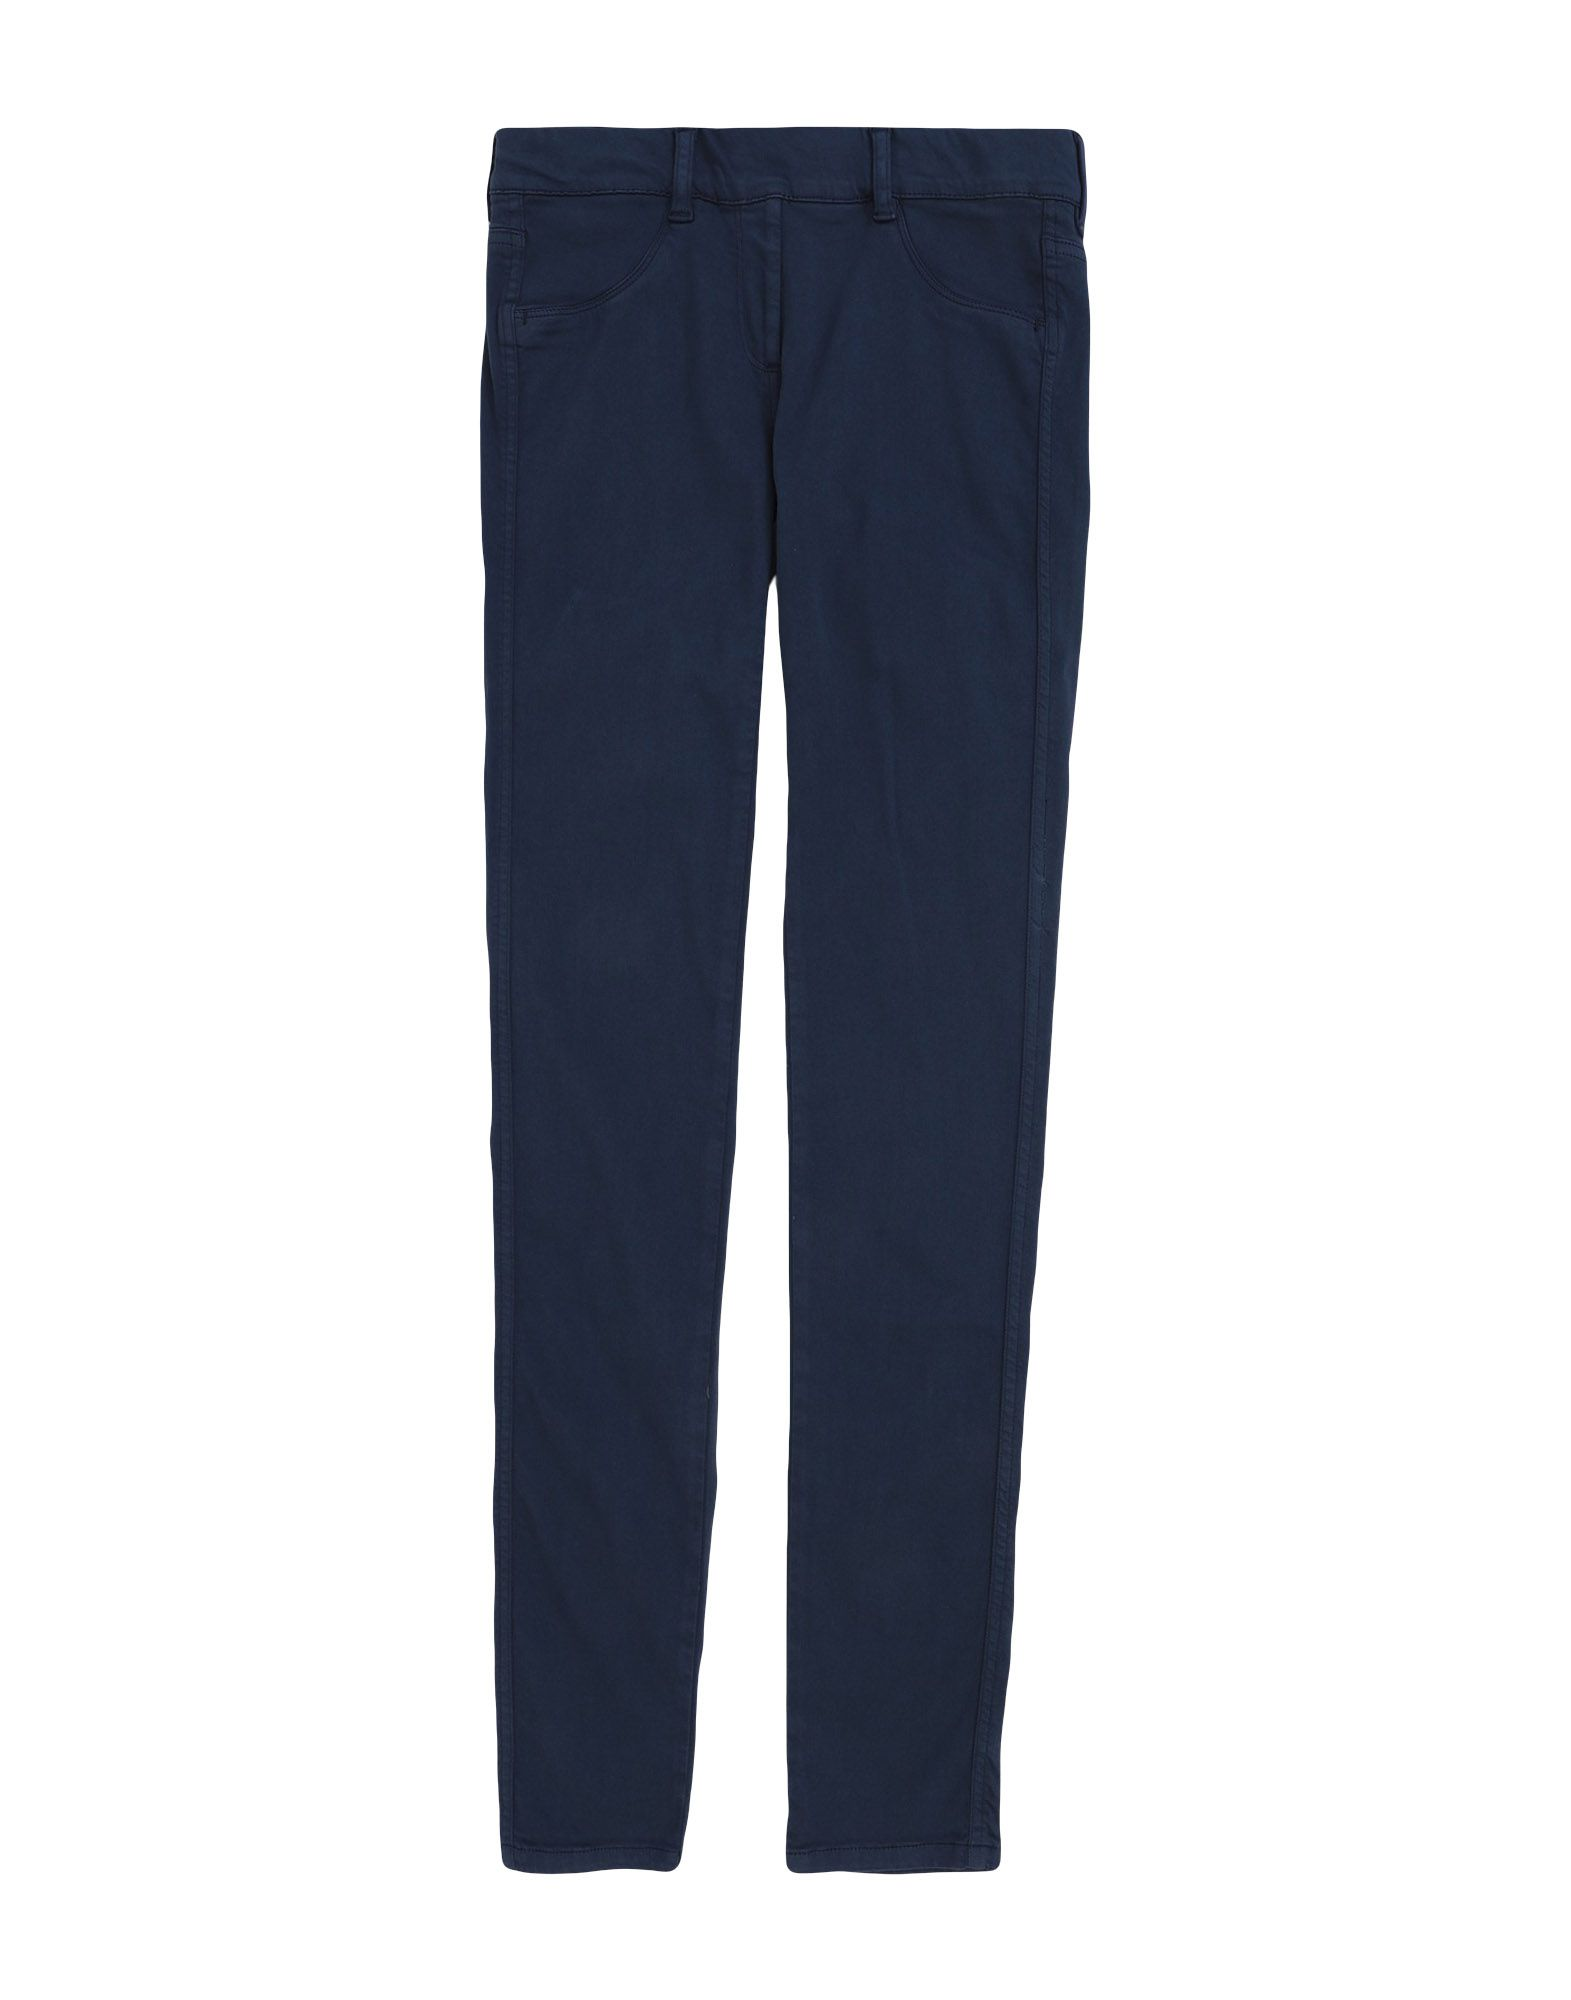 Повседневные брюки  - Розовый,Синий цвет